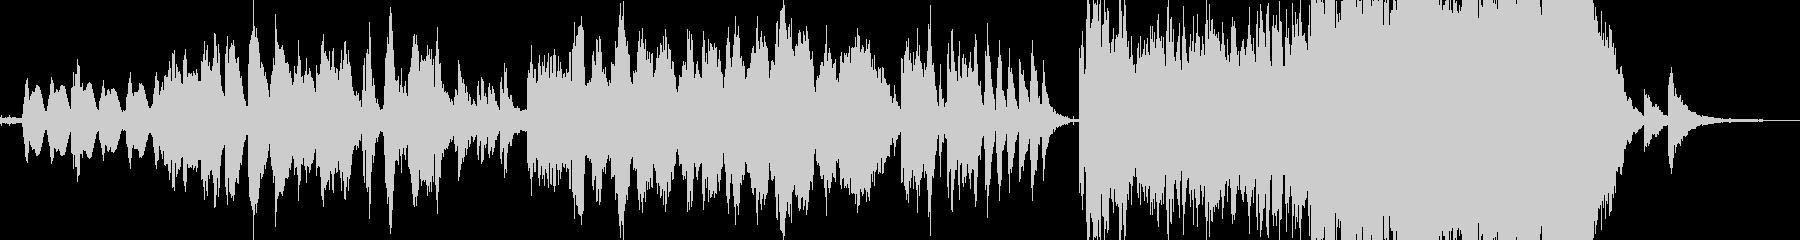 廃墟と化した教会イメージの女性ボーカル曲の未再生の波形